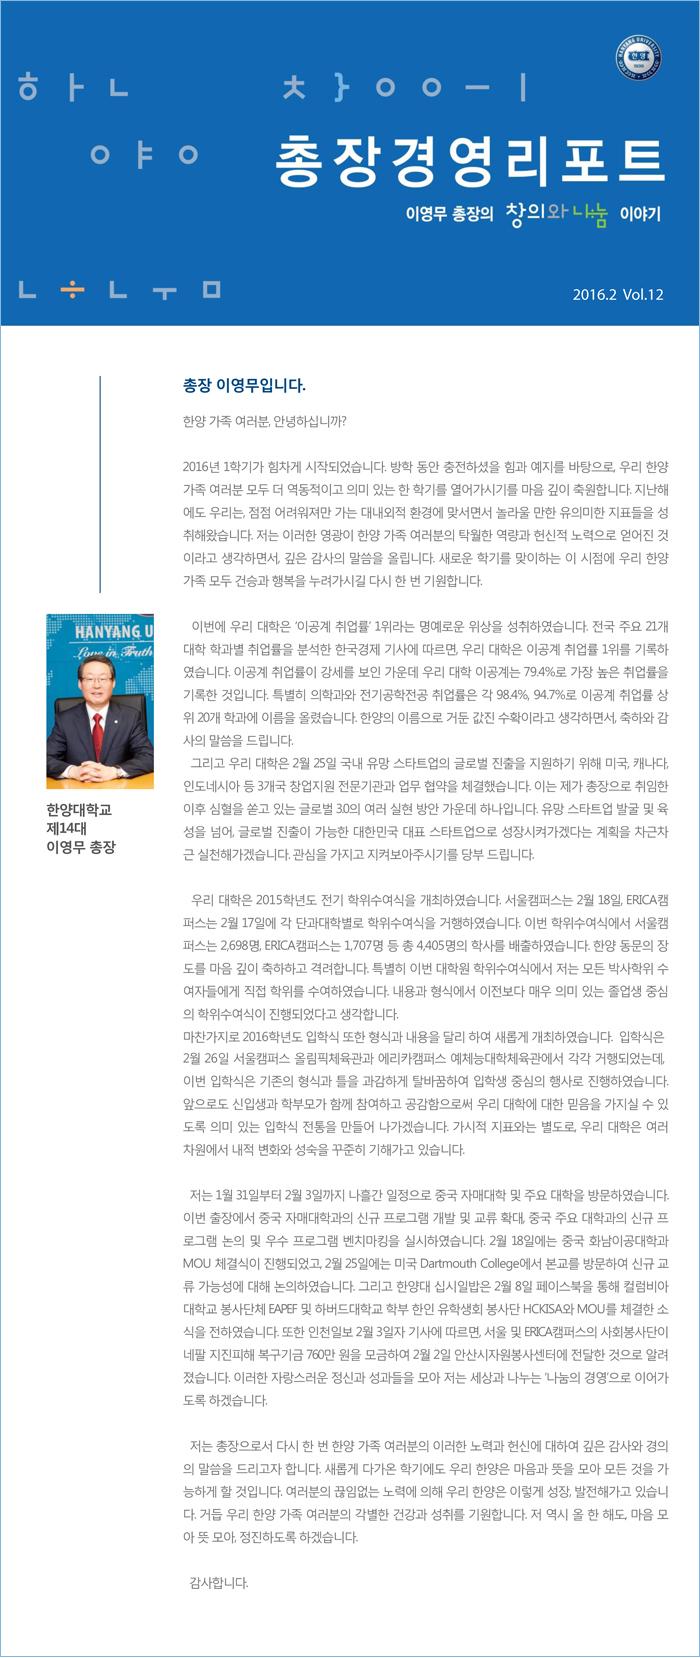 총장경영리포트 2016년 02월호